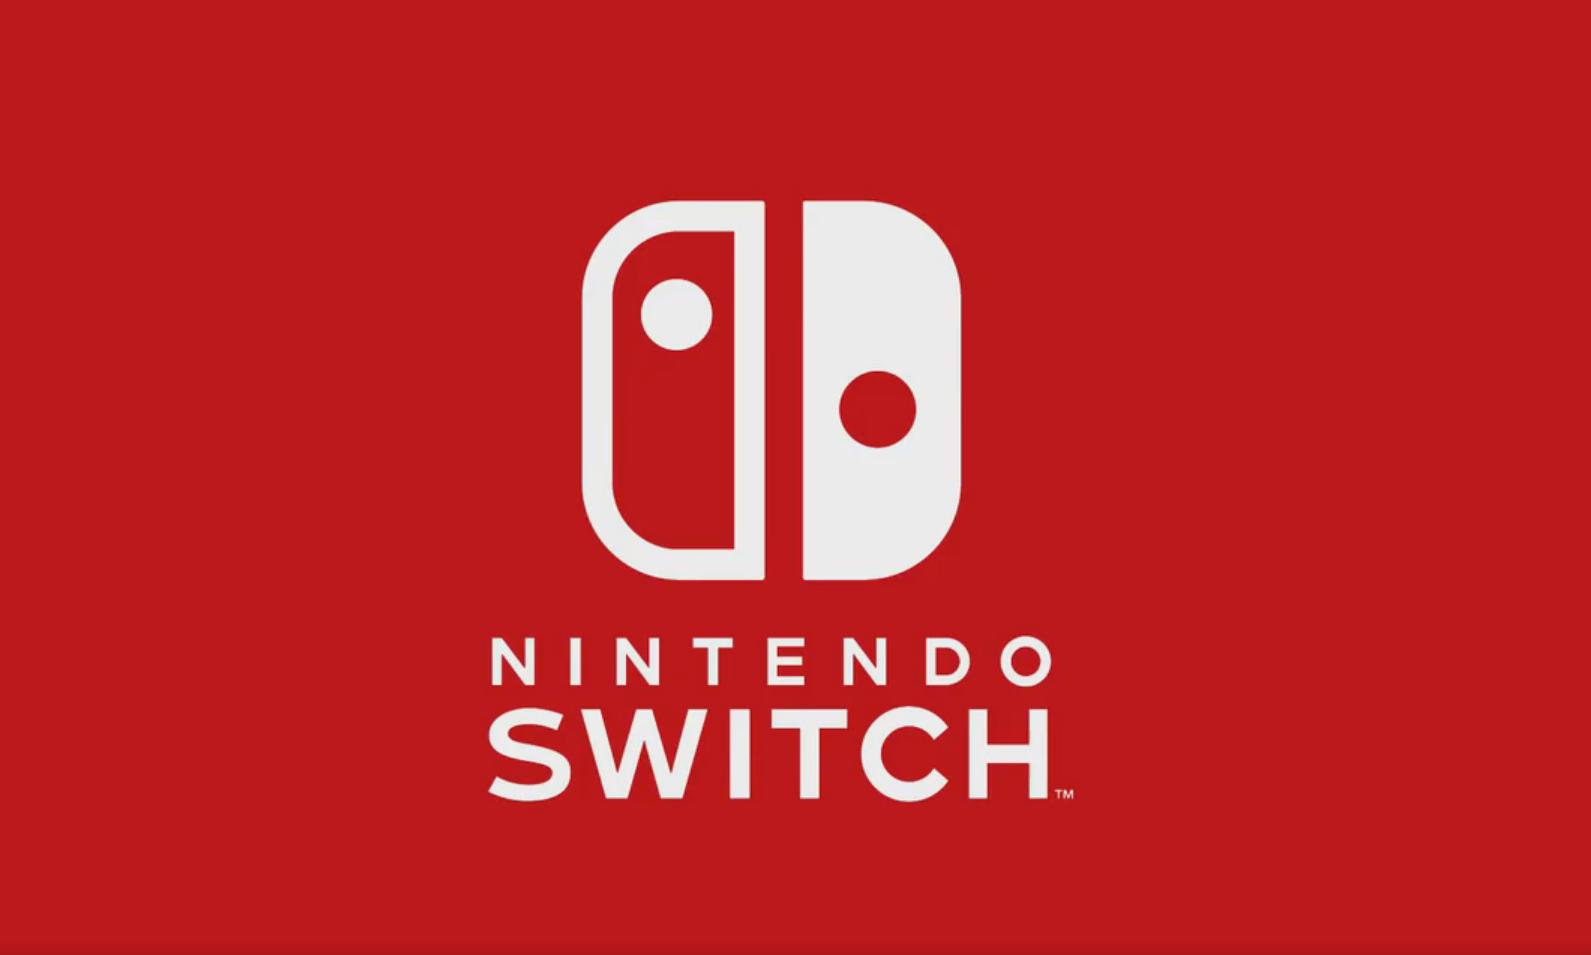 Nintendo Switch 新机配置疑似曝光